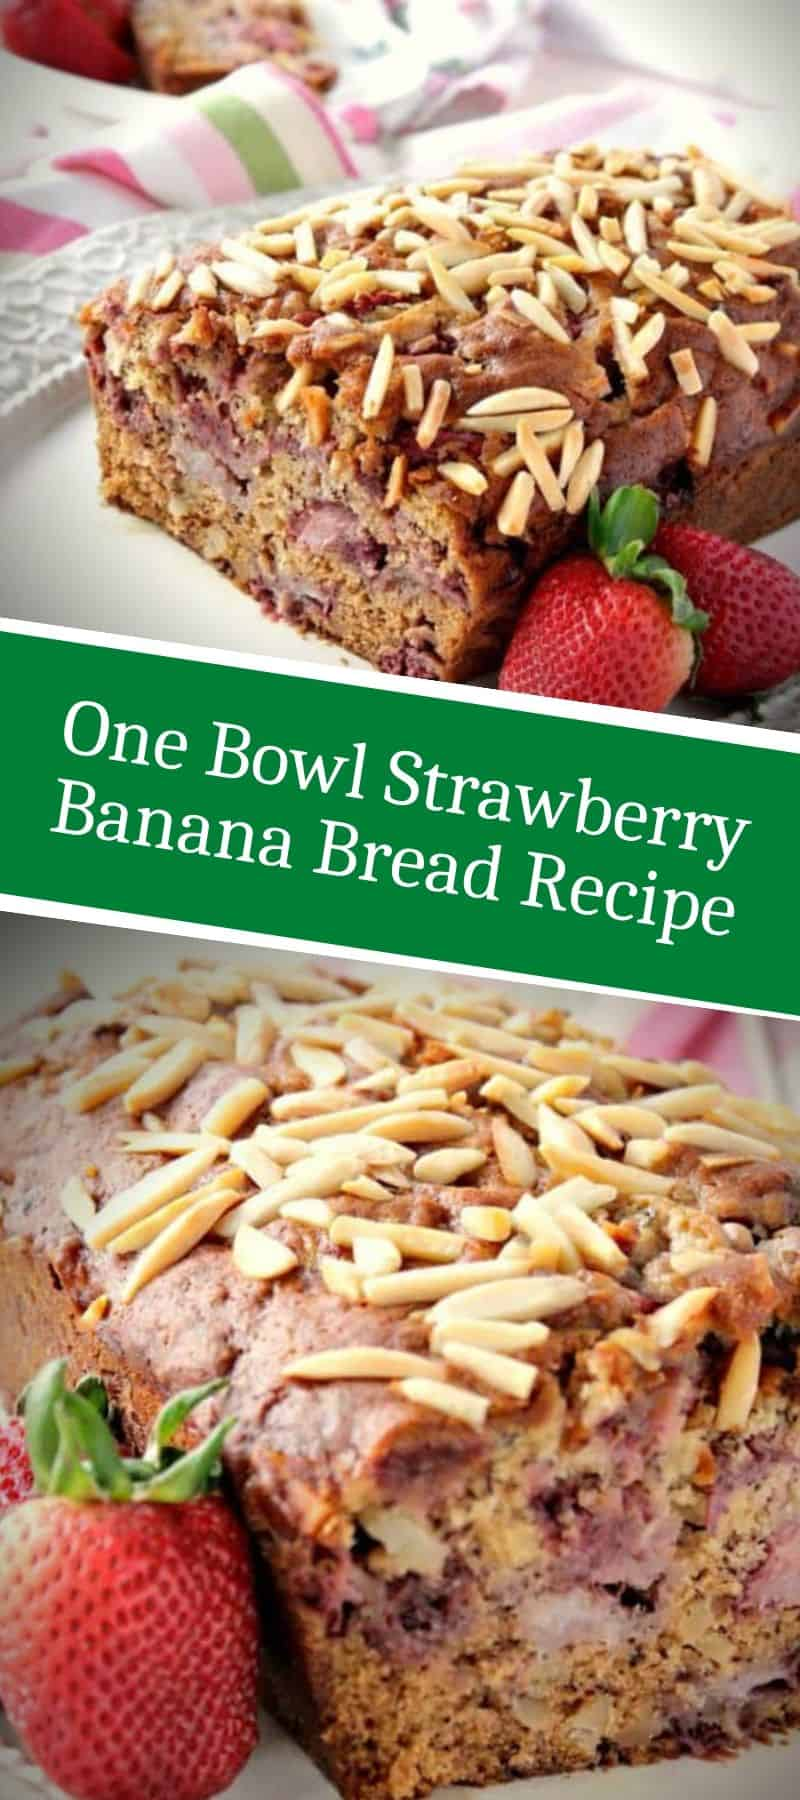 One Bowl Strawberry Banana Bread Recipe 3